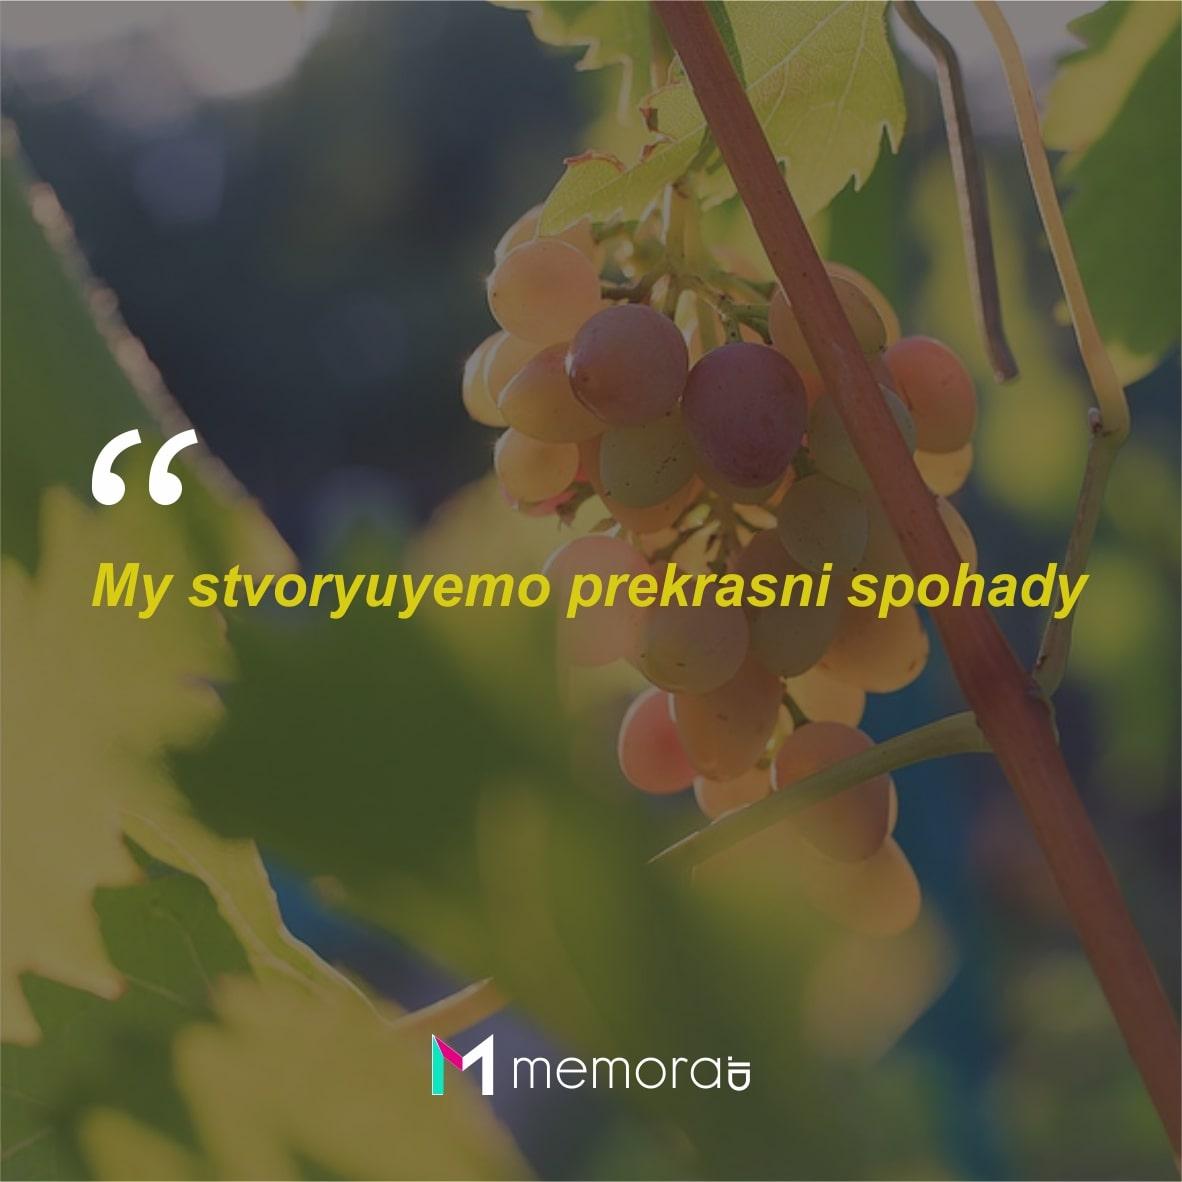 Kata-kata Cinta Romantis Bahasa Ukraina